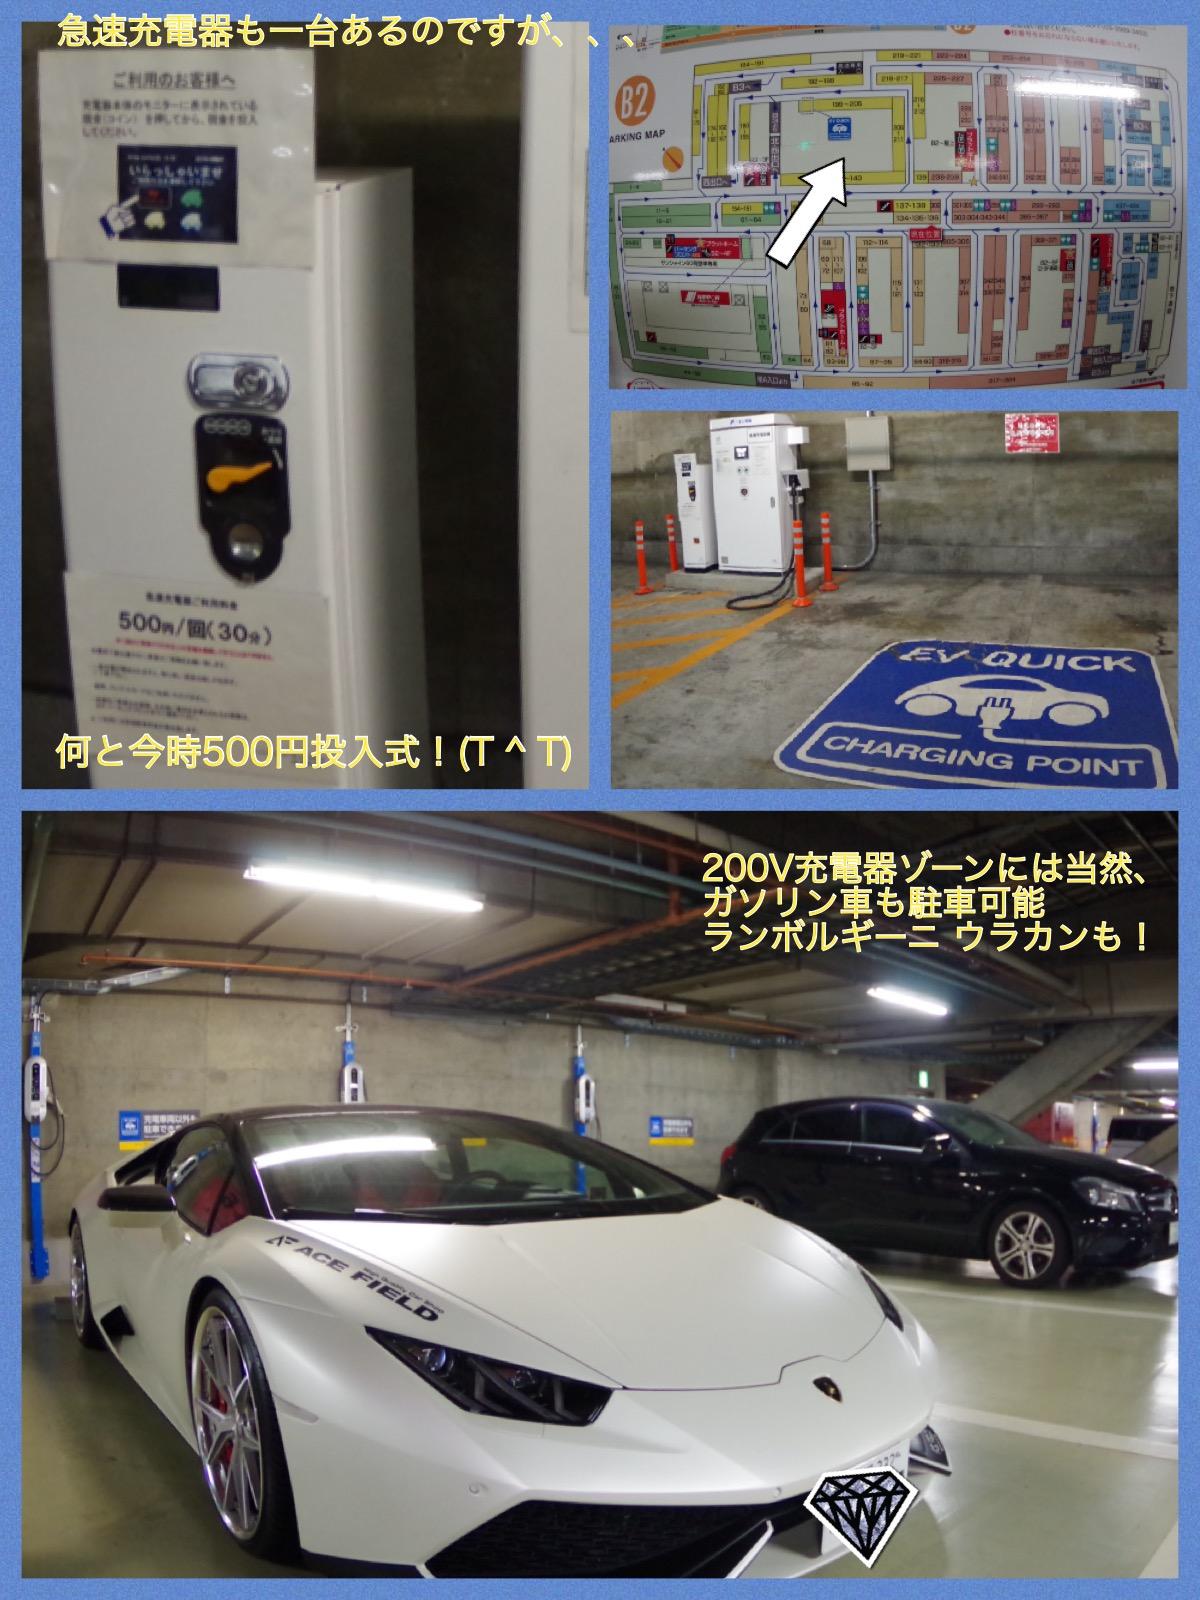 EV充電スポット 池袋サンシャインシティ駐車場